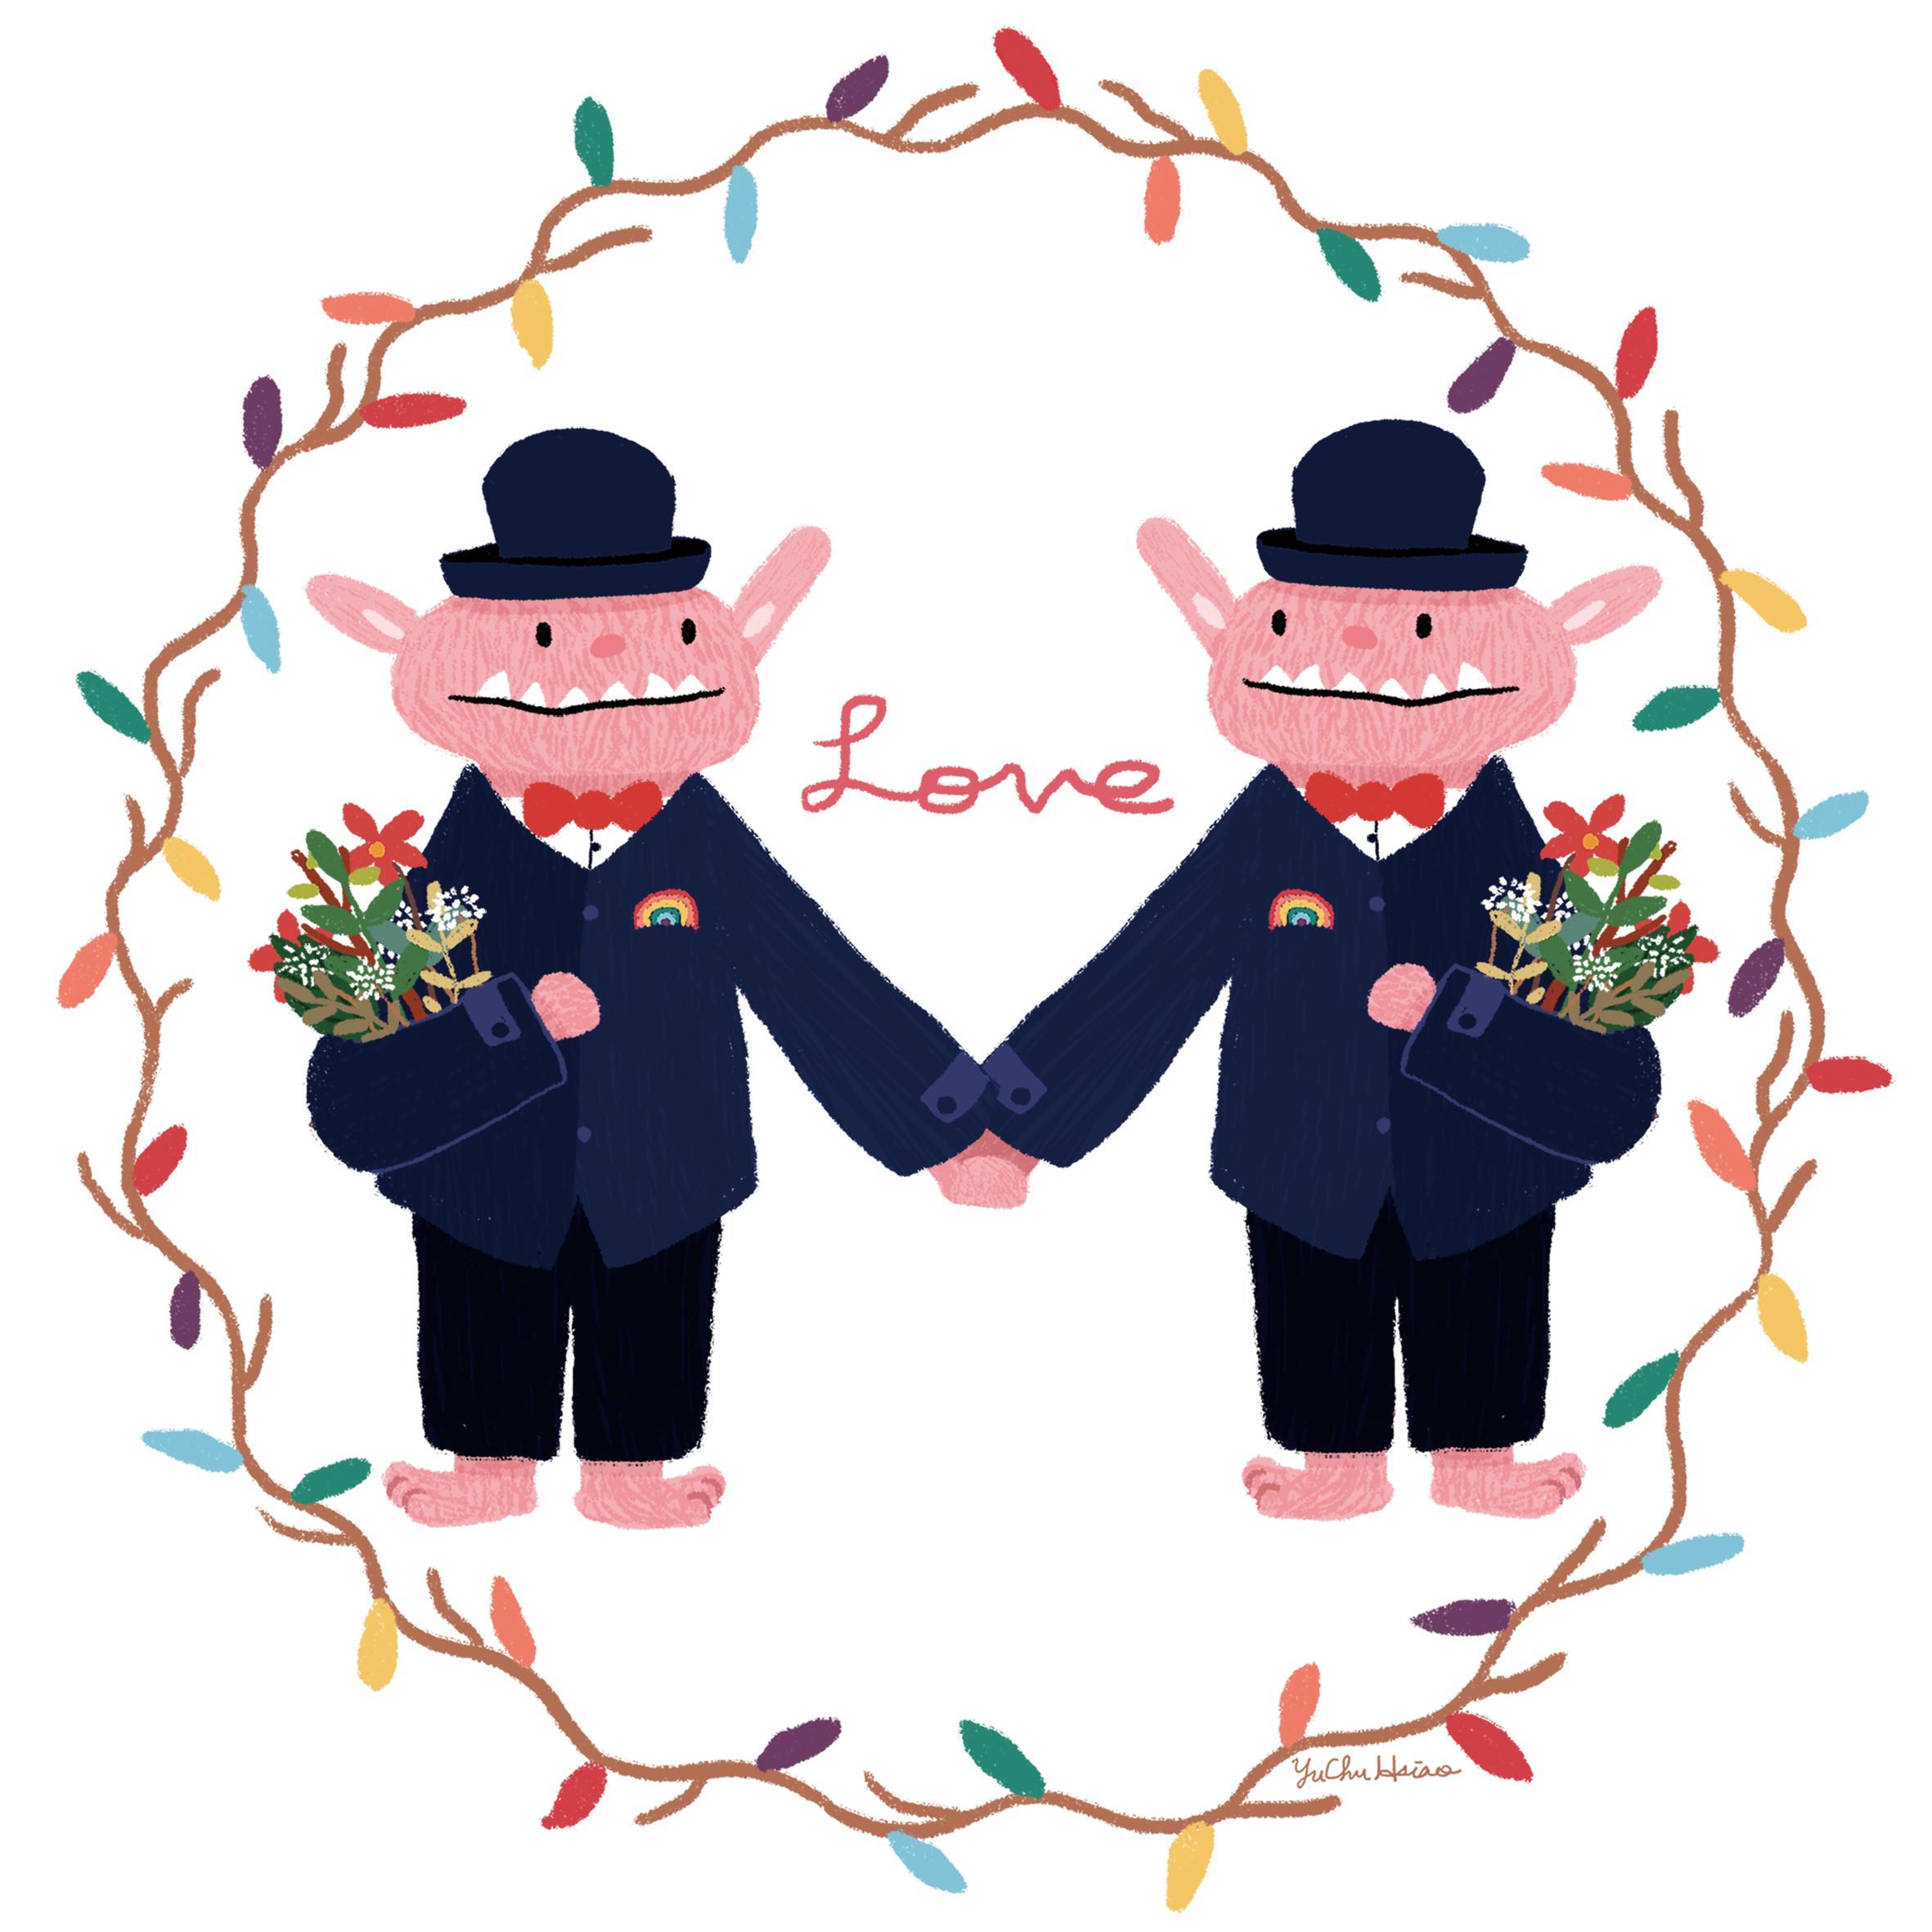 Love_print.jpg